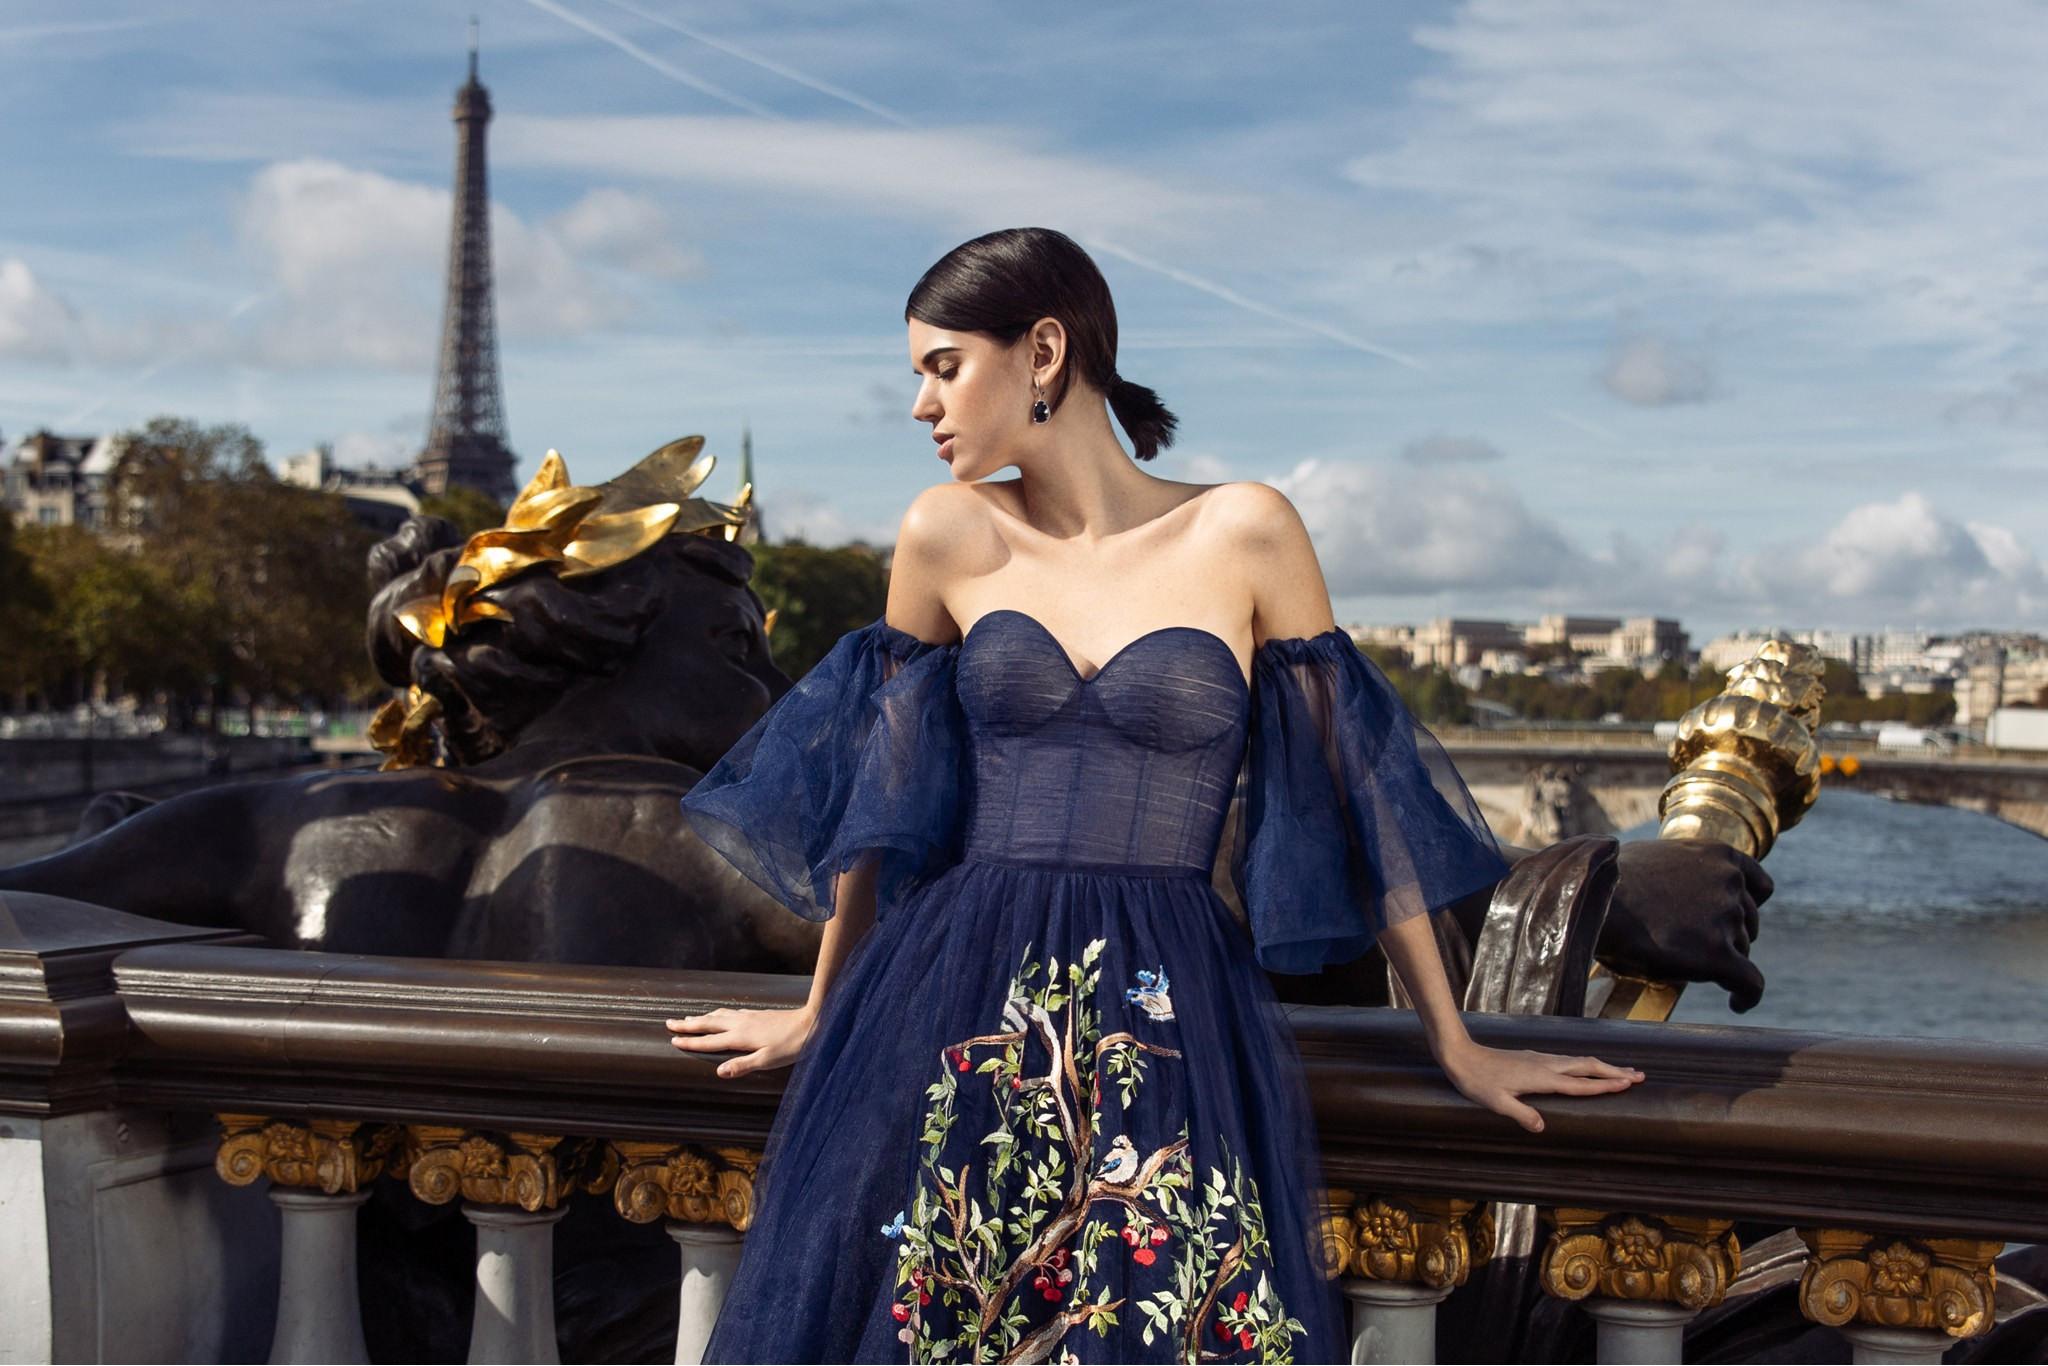 20 Fantastisch Abendkleider Nach Mass Bester Preis15 Großartig Abendkleider Nach Mass Vertrieb